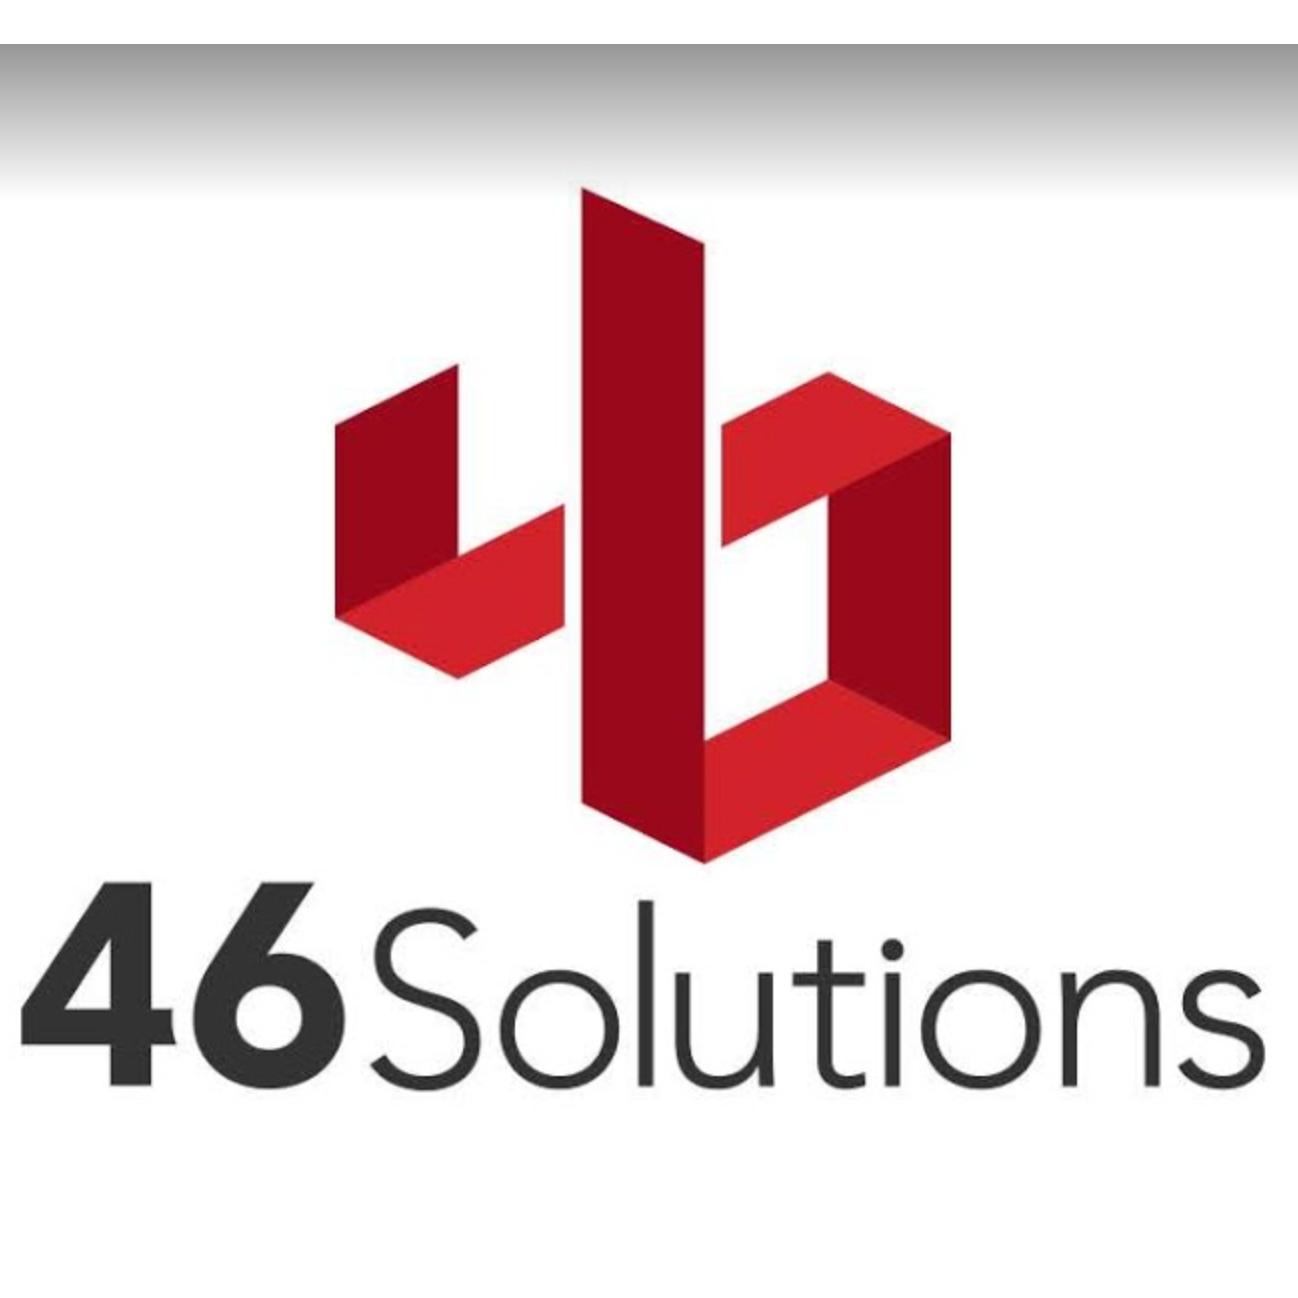 46 Solutions - Lexington, KY 40509 - (859)788-4600 | ShowMeLocal.com